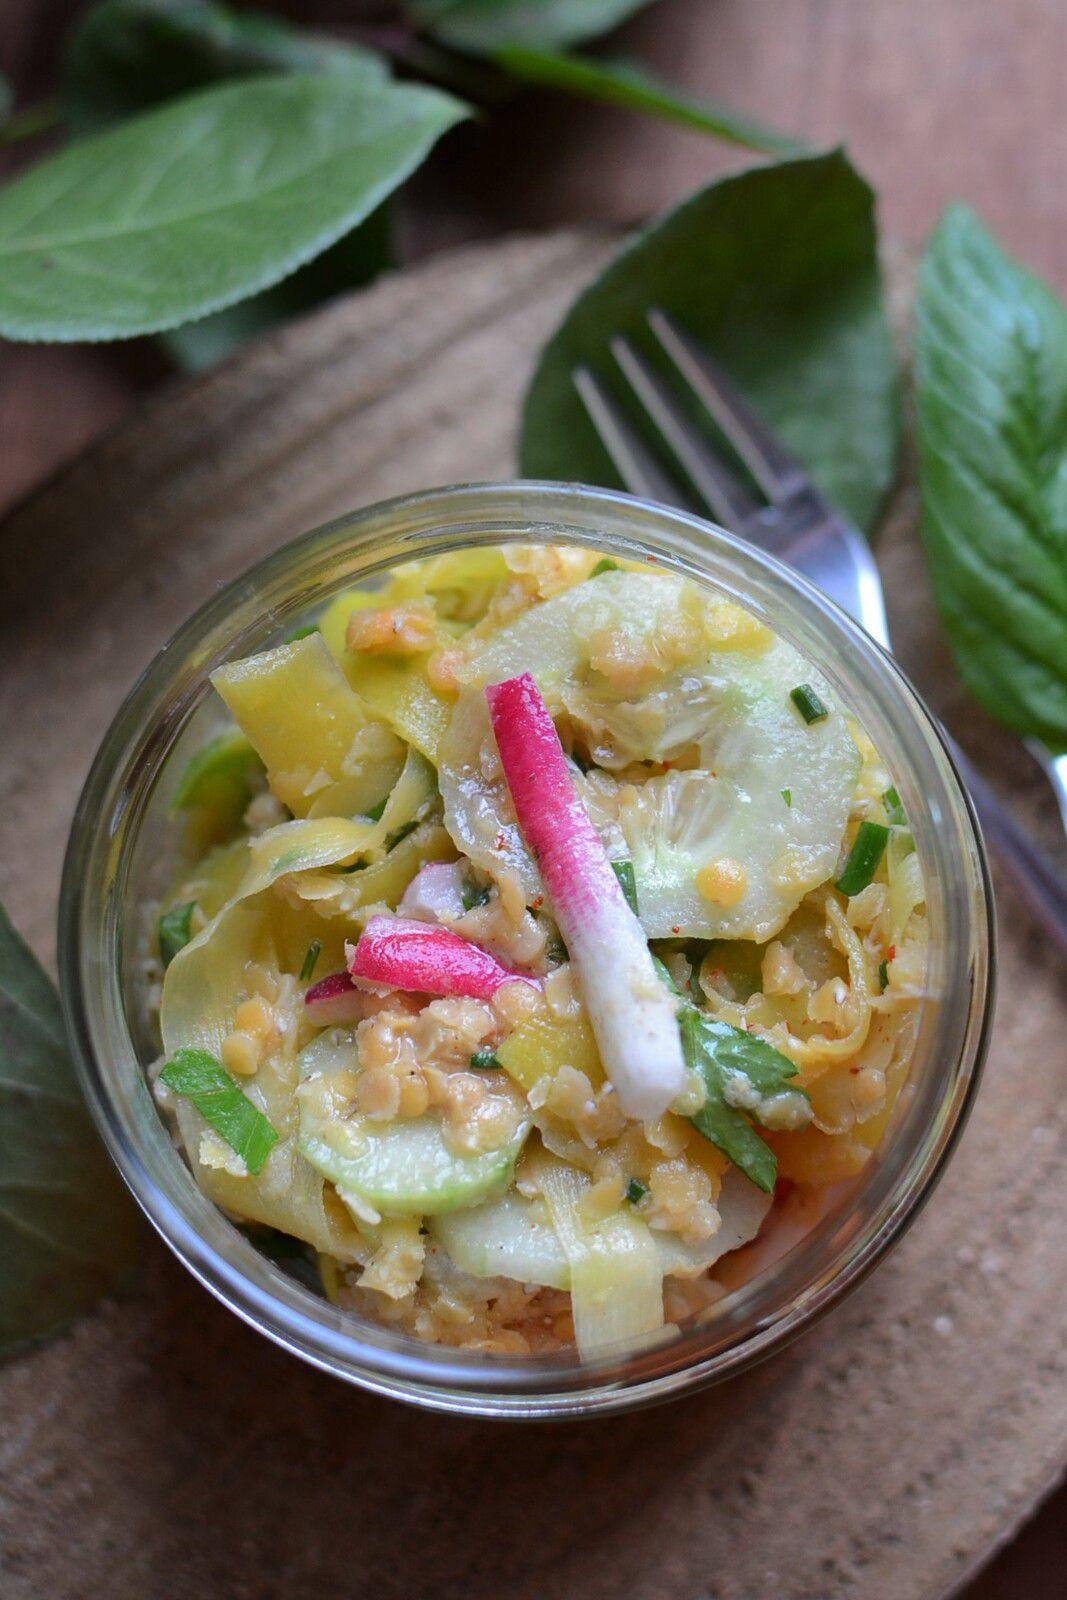 Salade lentilles corail carotte radis concombre - L'Epicerie en bocal